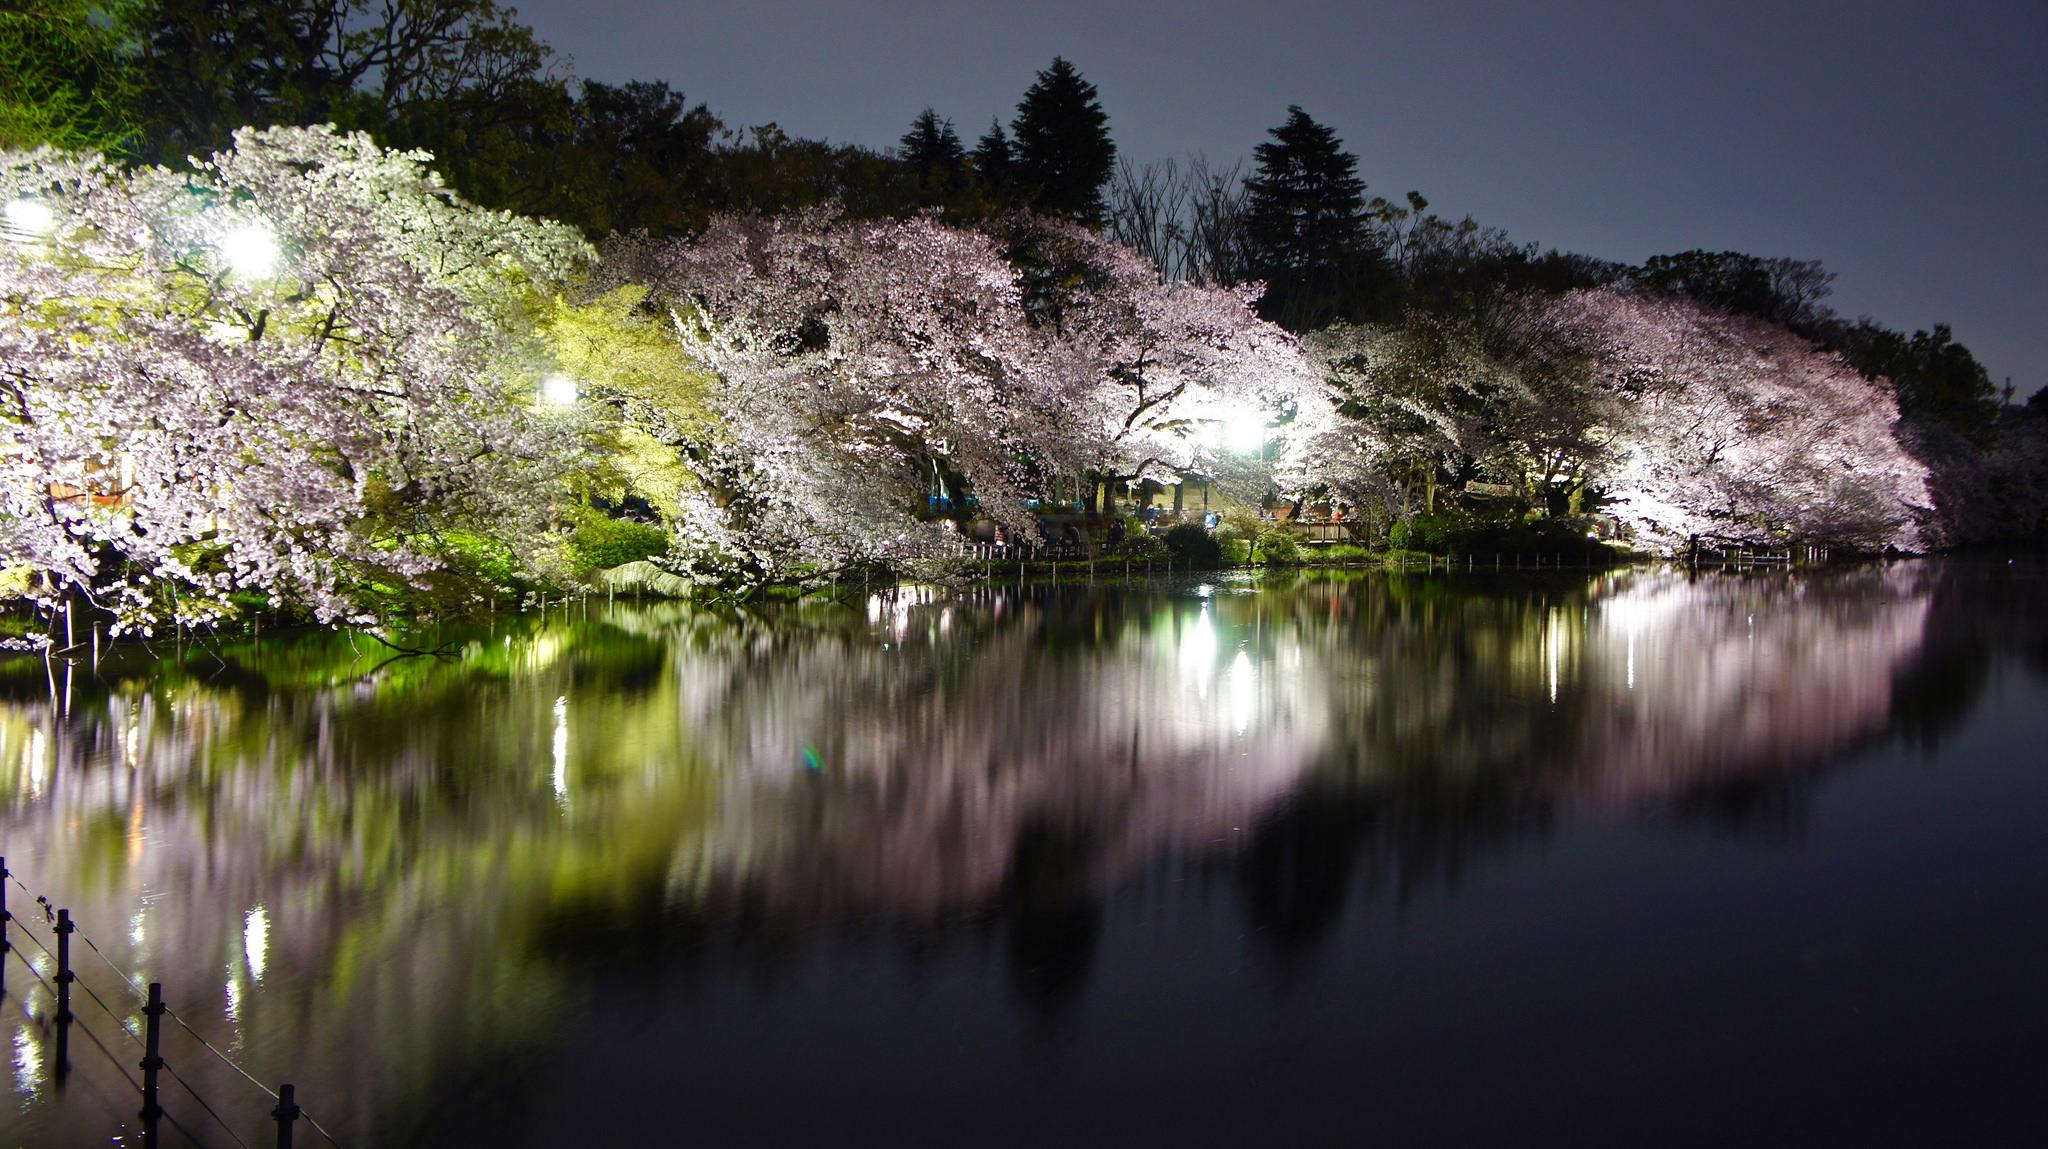 Top 100 : Cherry blossom illuminations at Inokashira Park in Kichijoji